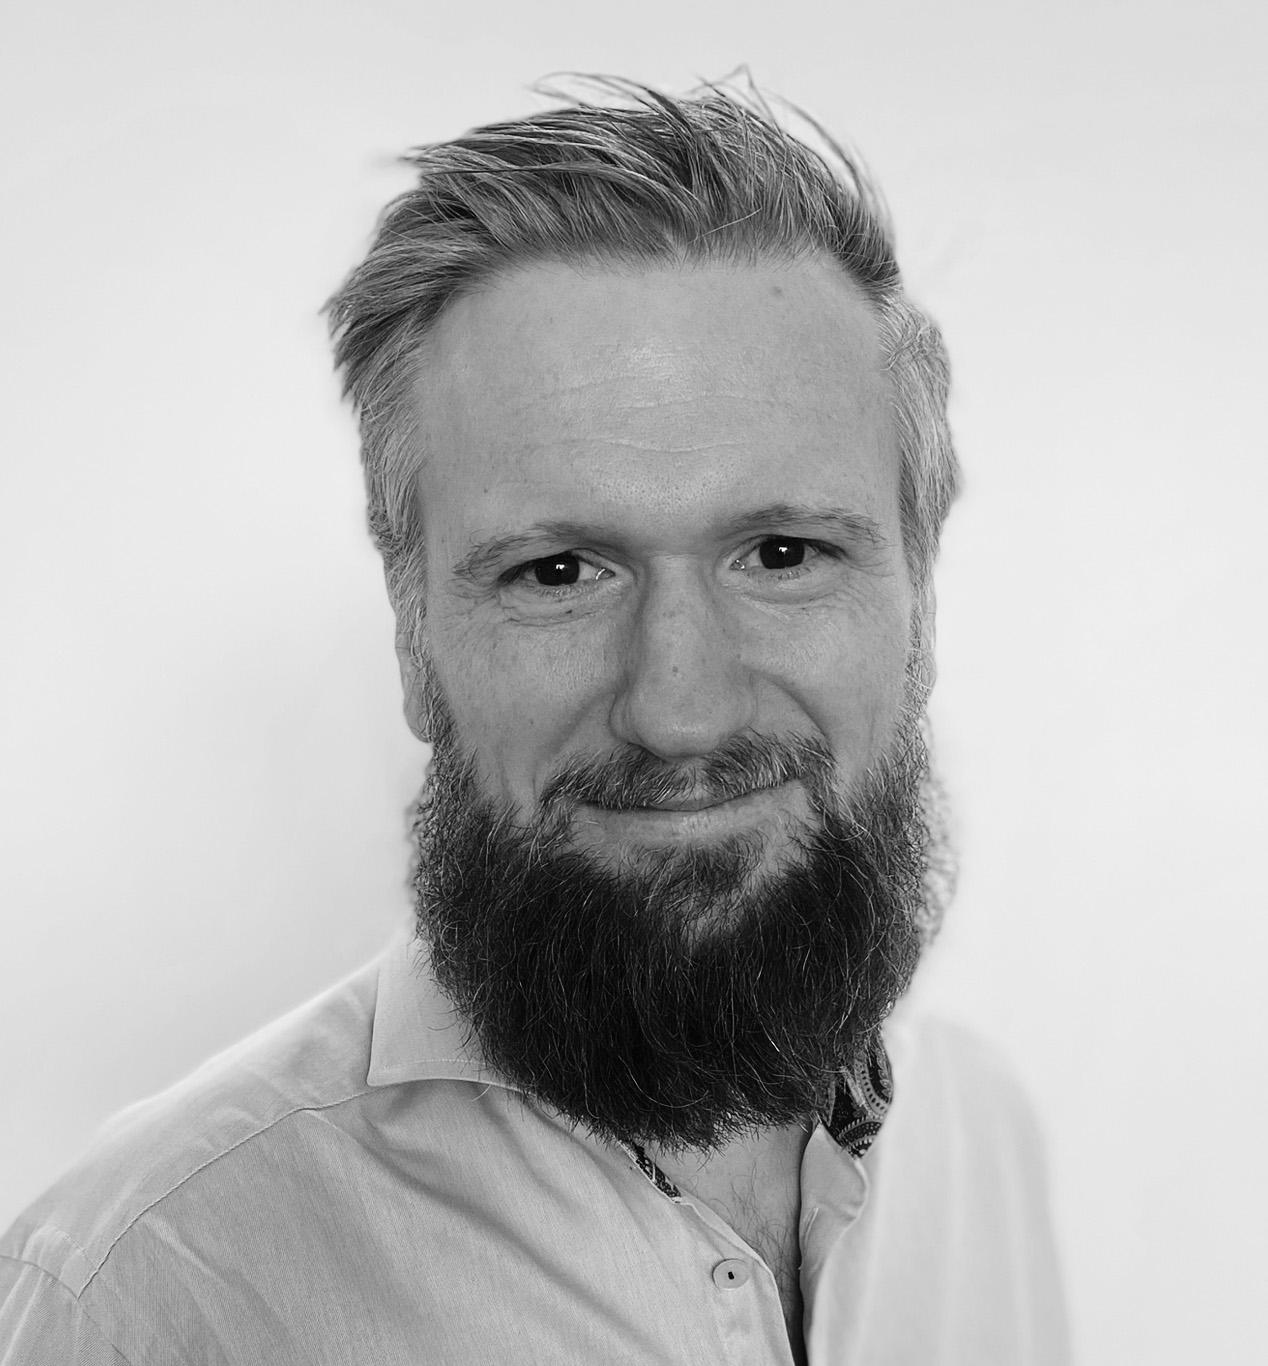 John Åhlund